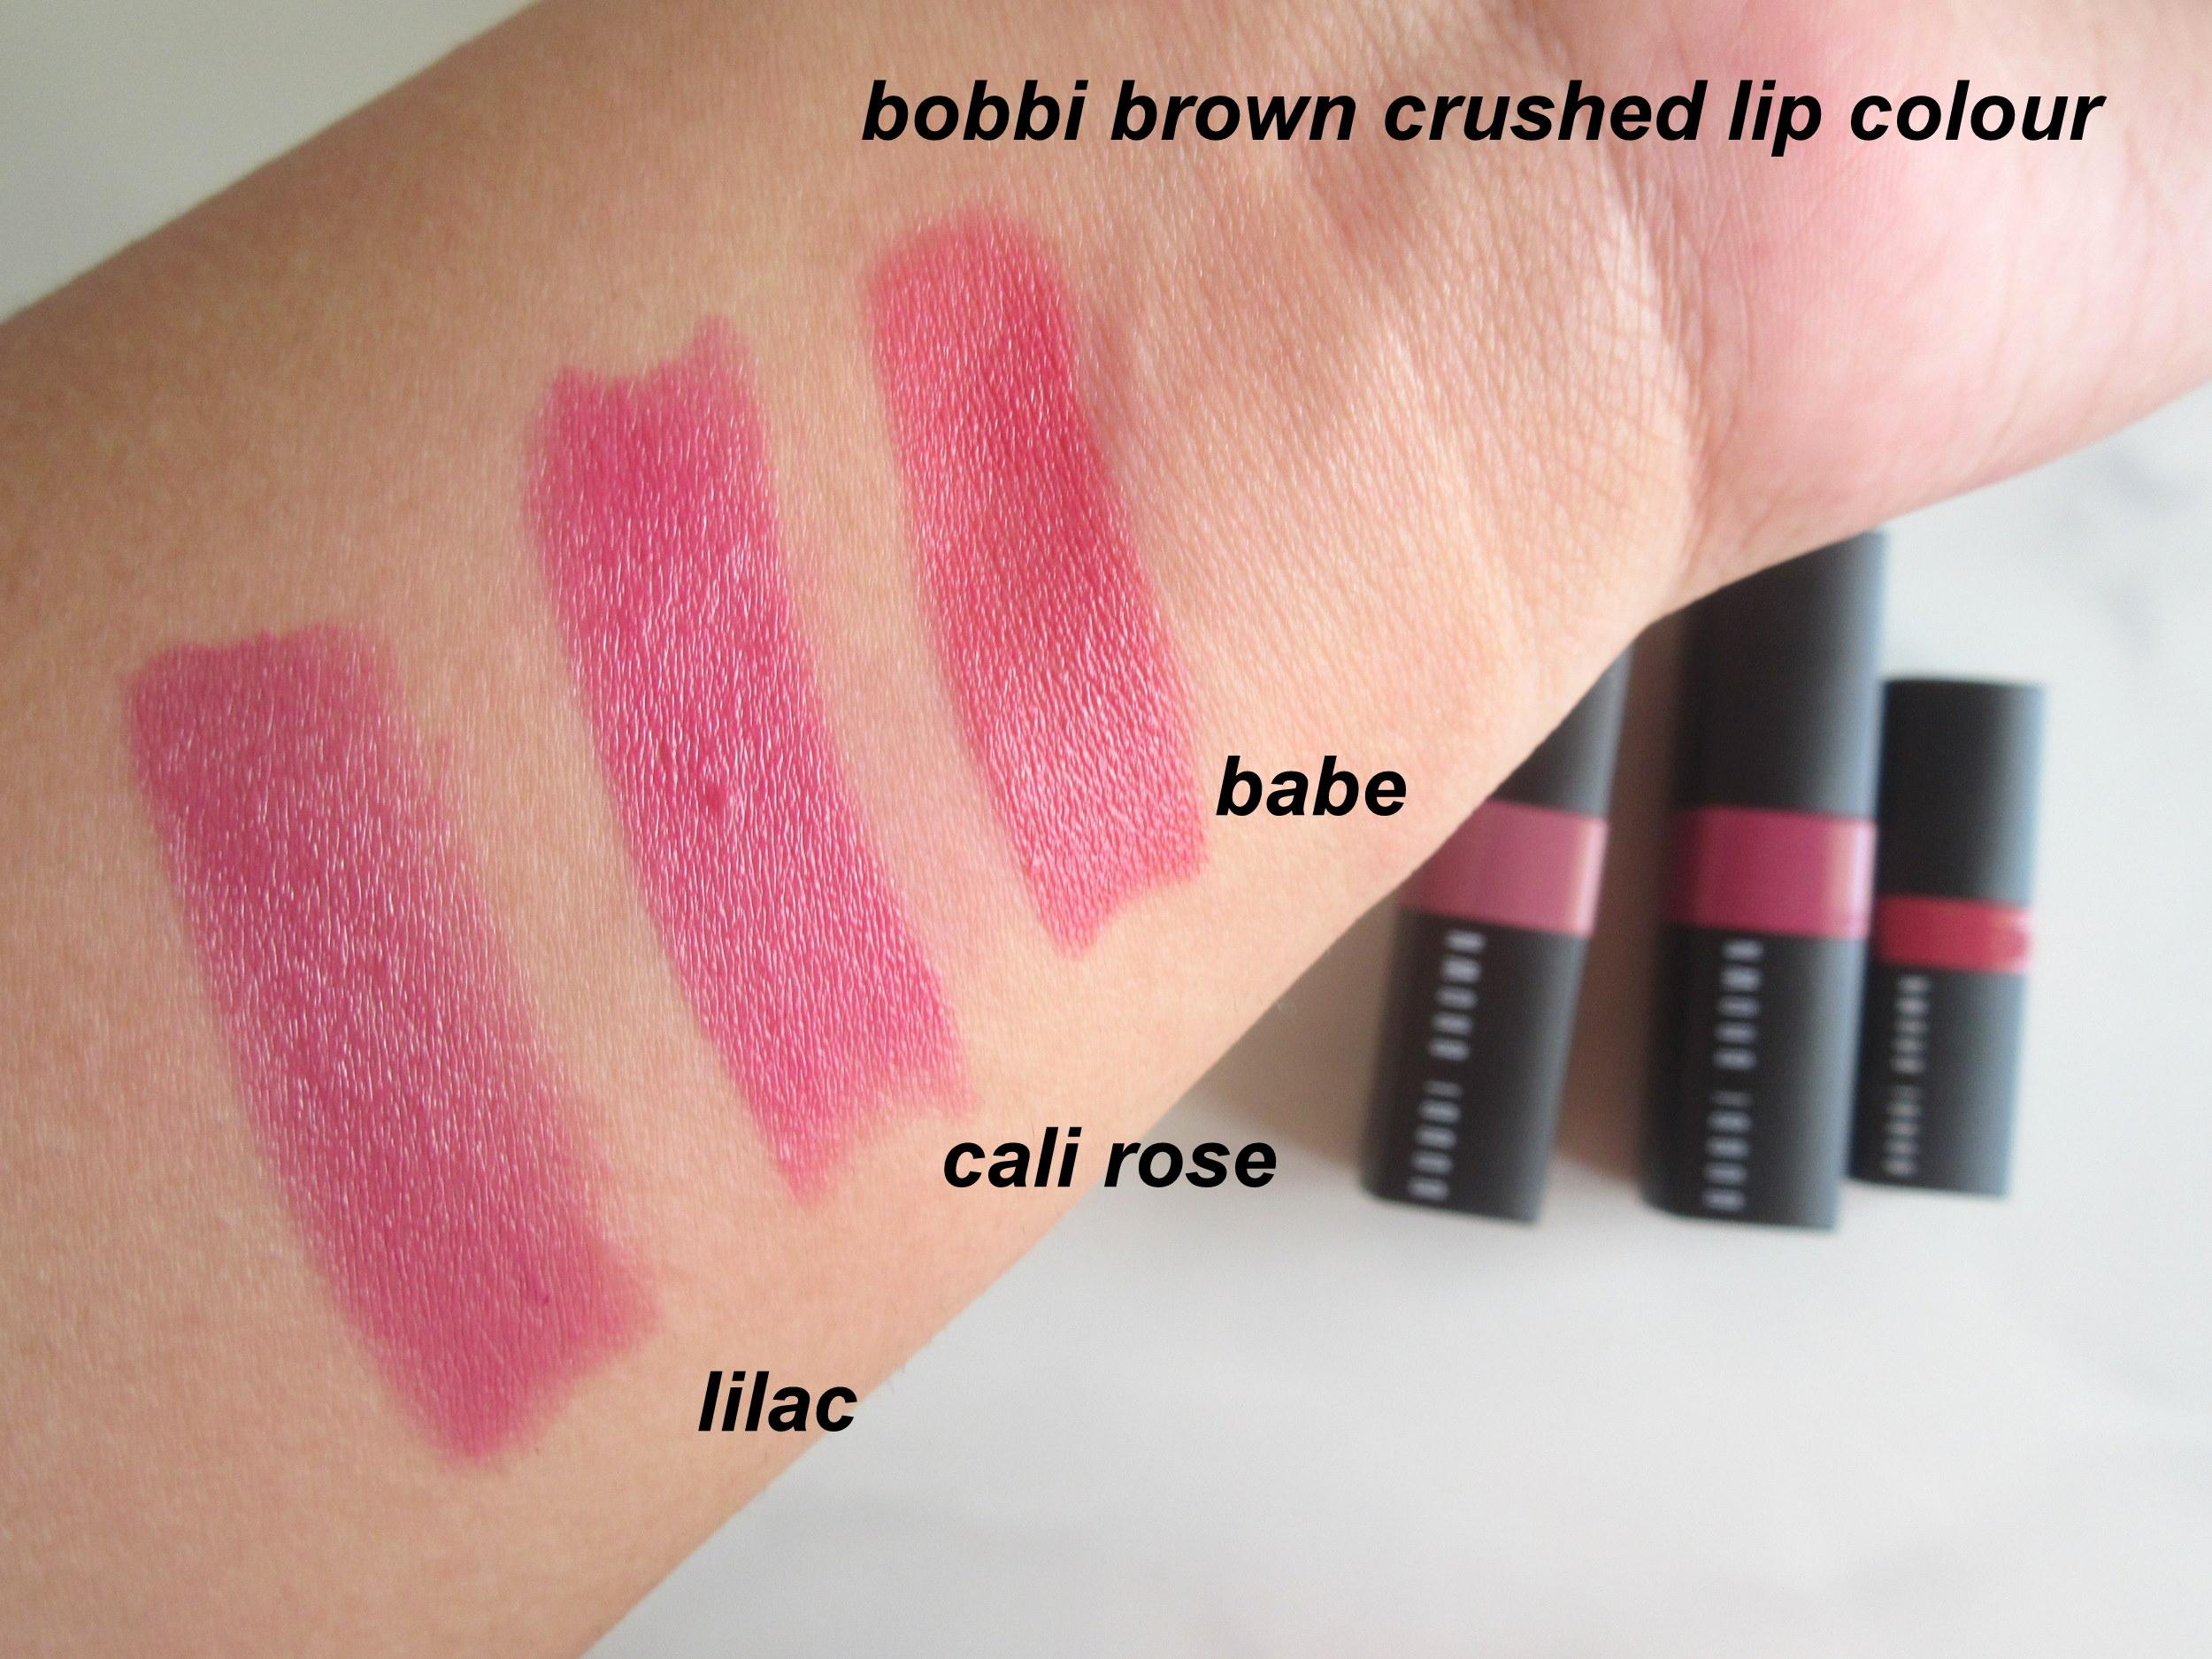 bobbi brown crushed lip color, bobbi brown crushed lip color lilac, bobbi brown crushed lip color babe, bobbi brown crushed lip color cali rose